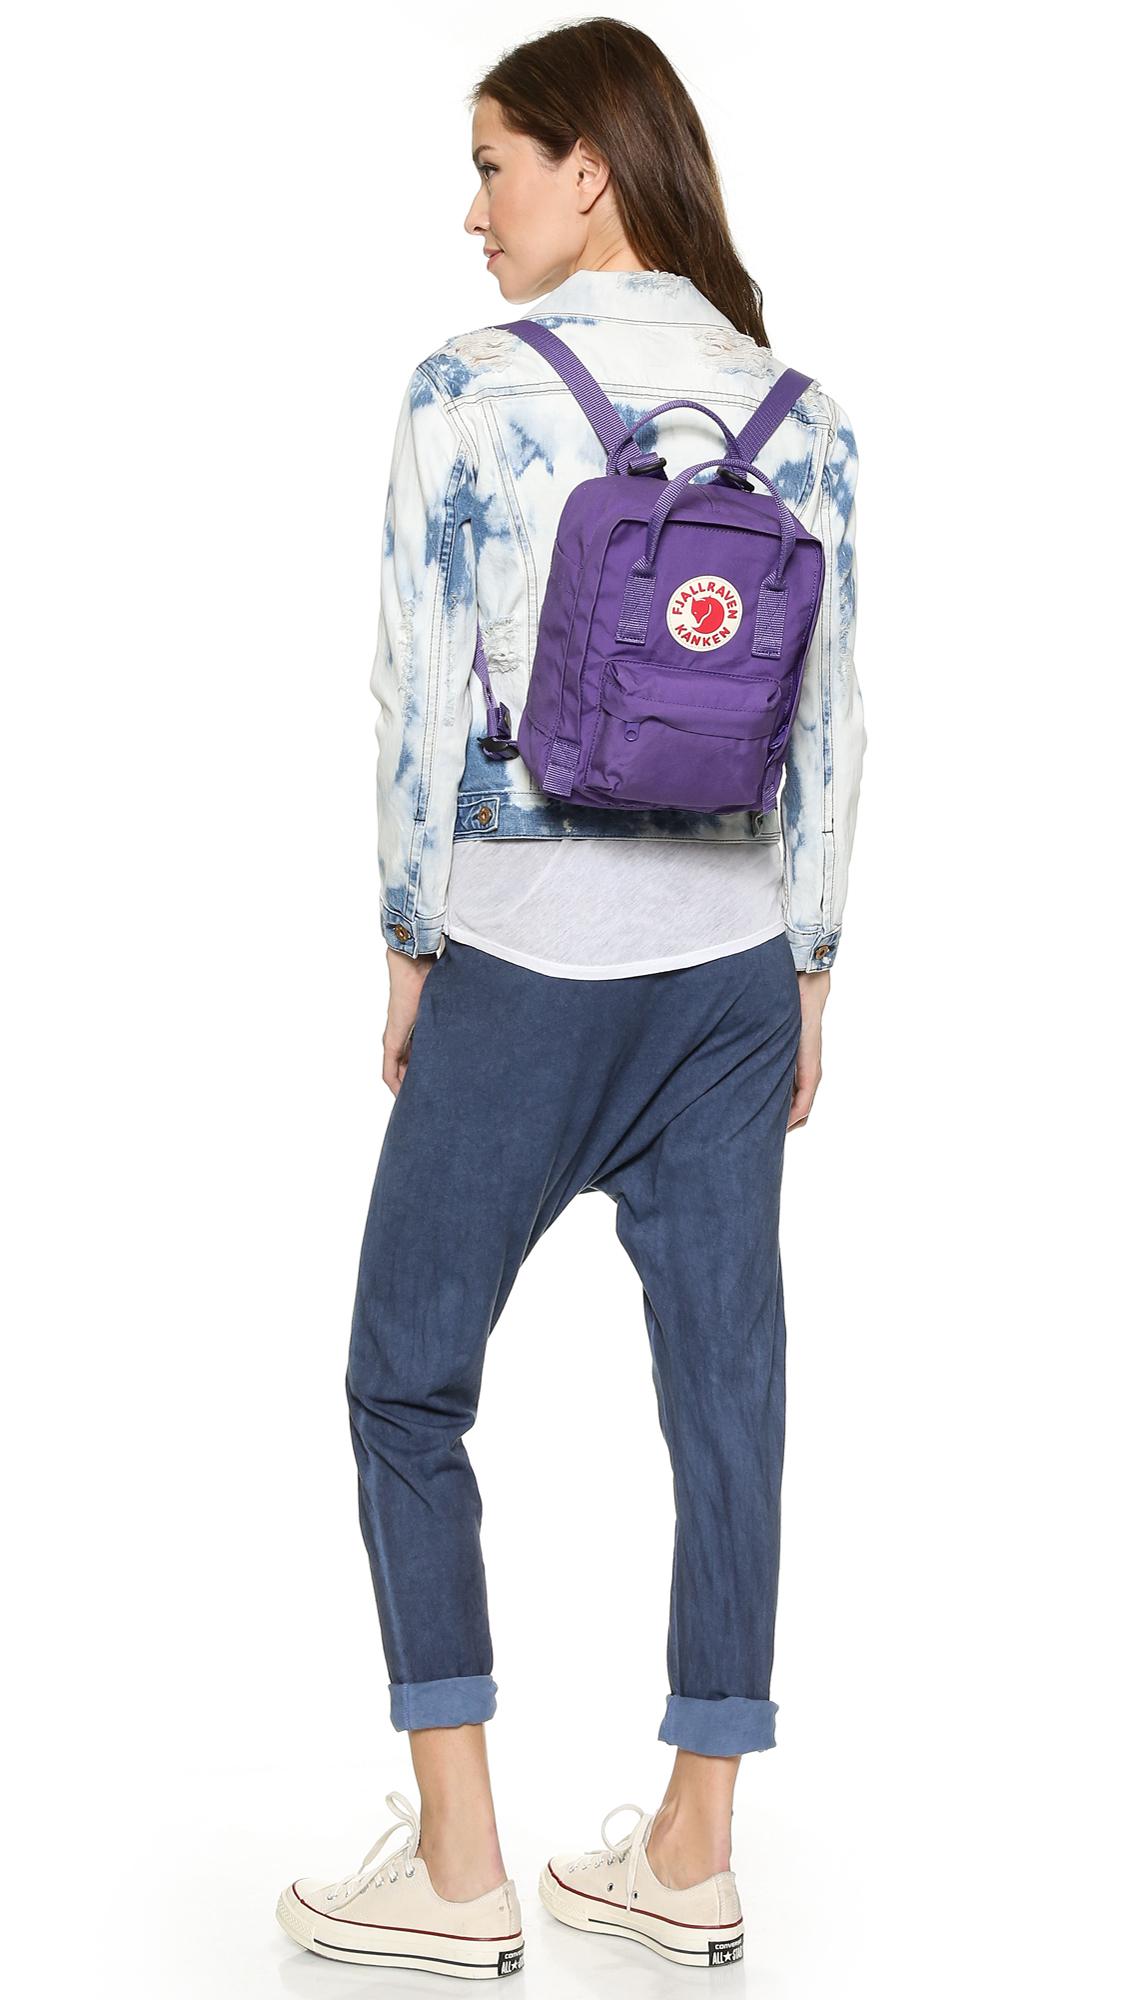 Канкен рюкзак мини рюкзак велосипедный cyclotech cyc-15